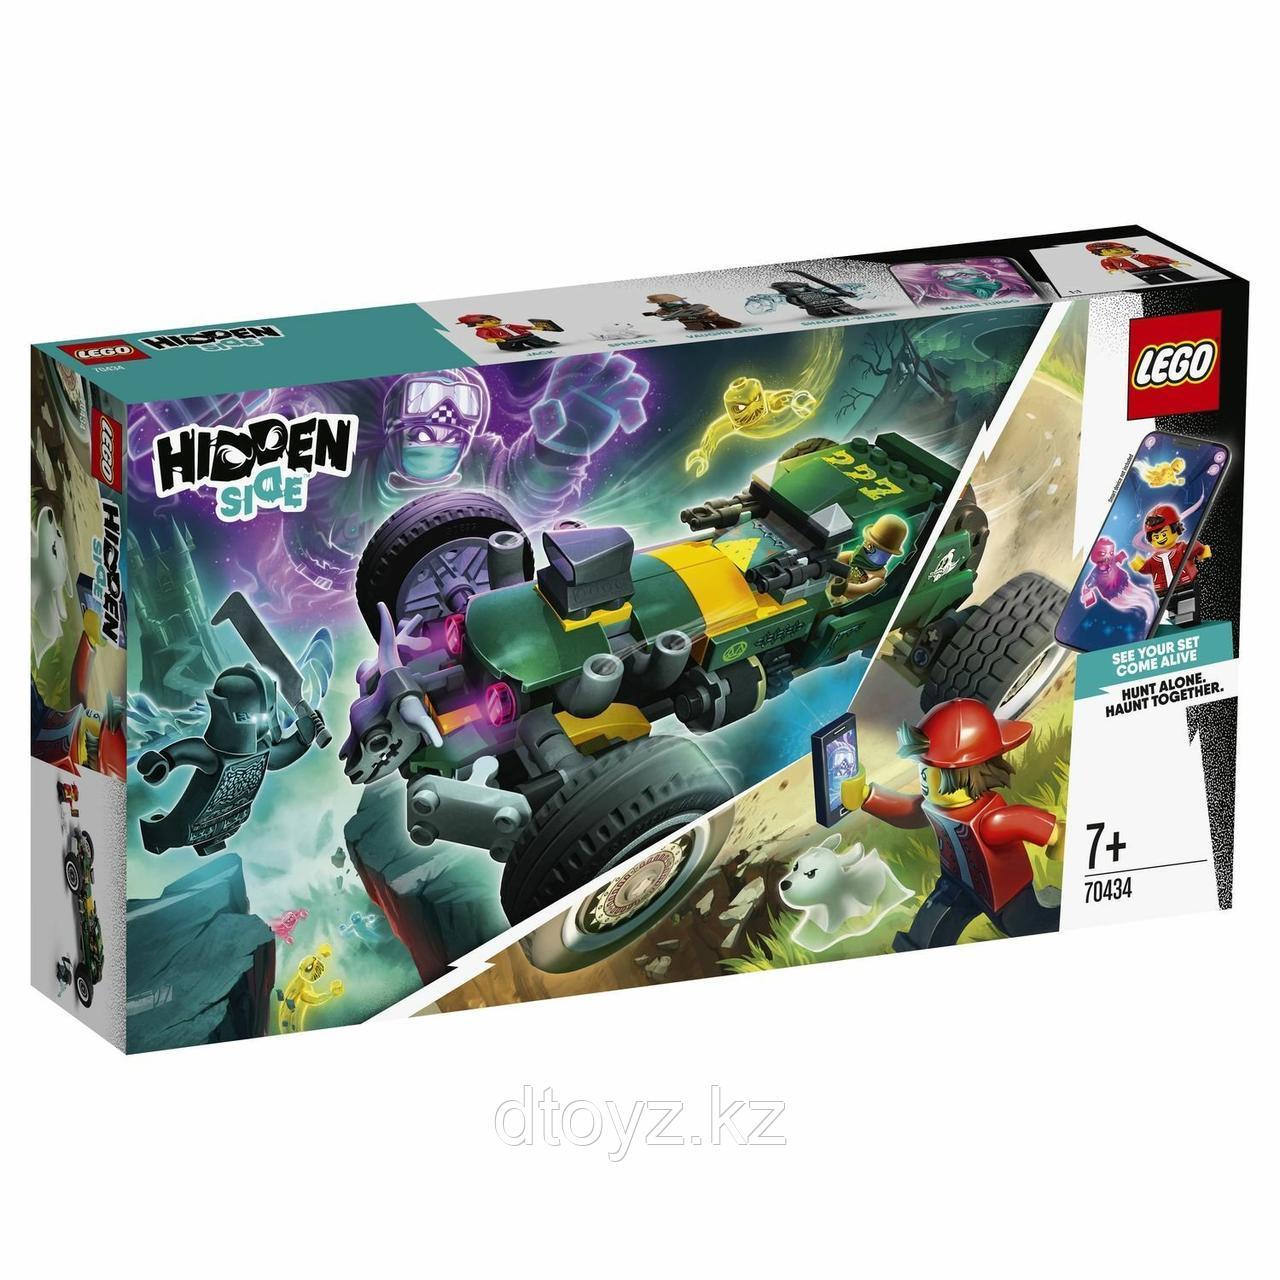 Lego Hidden Side 70434 Сверхестественная гоночная машина